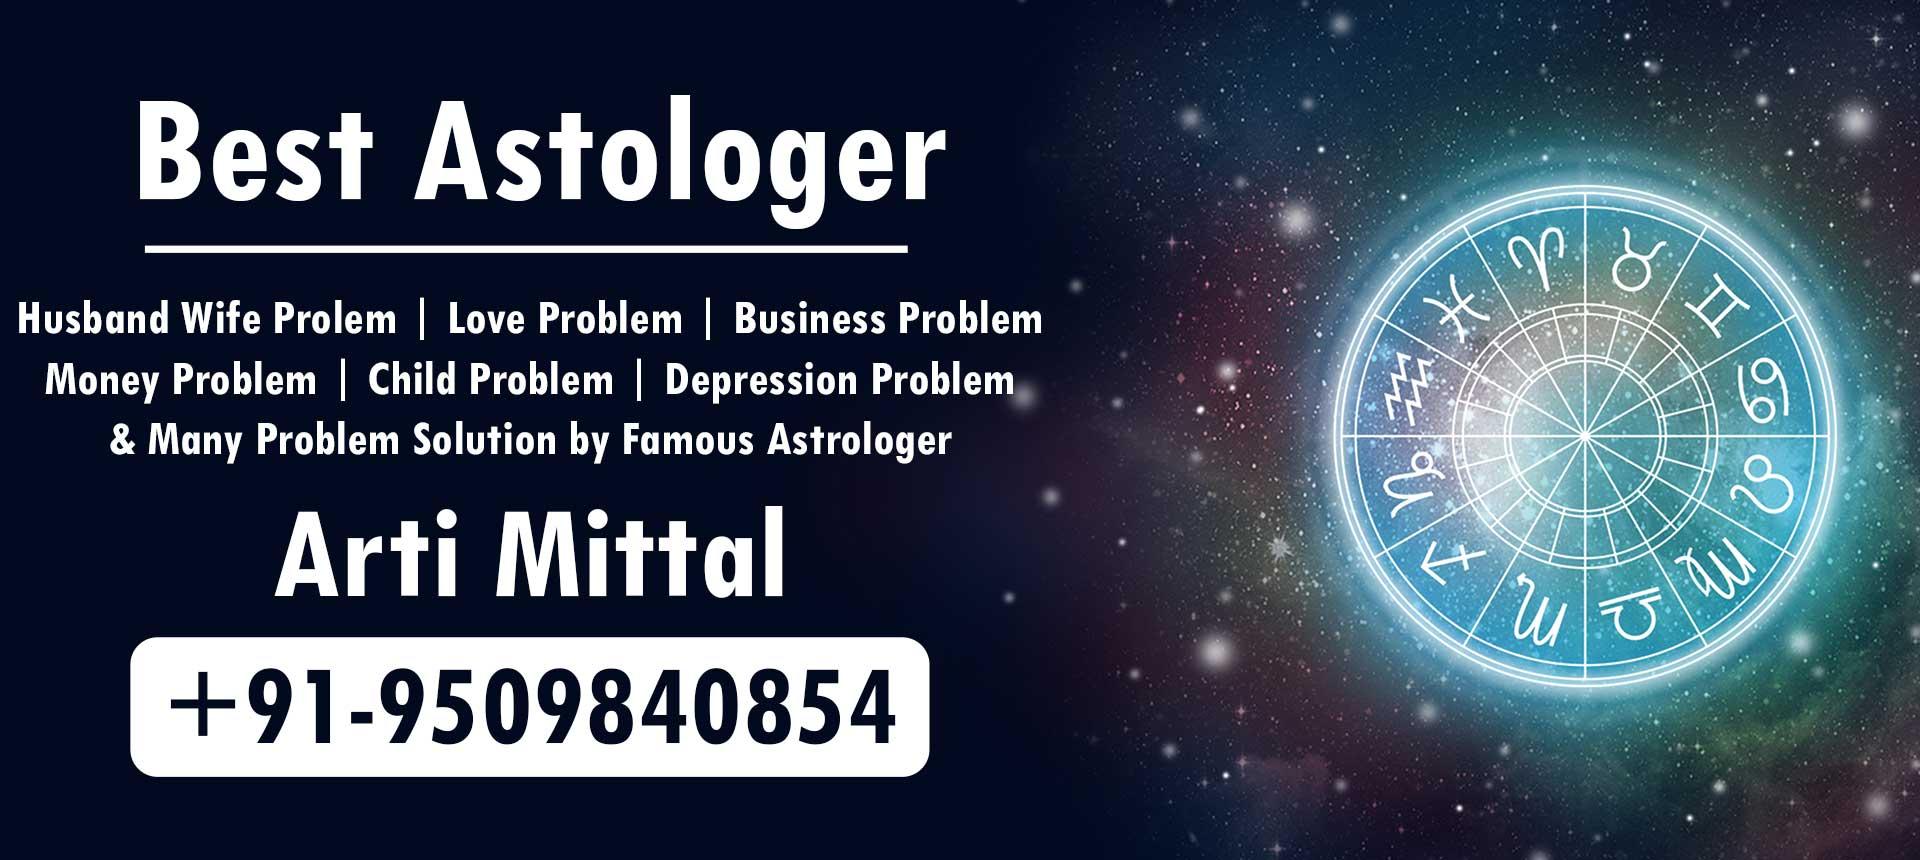 Arti Mittal